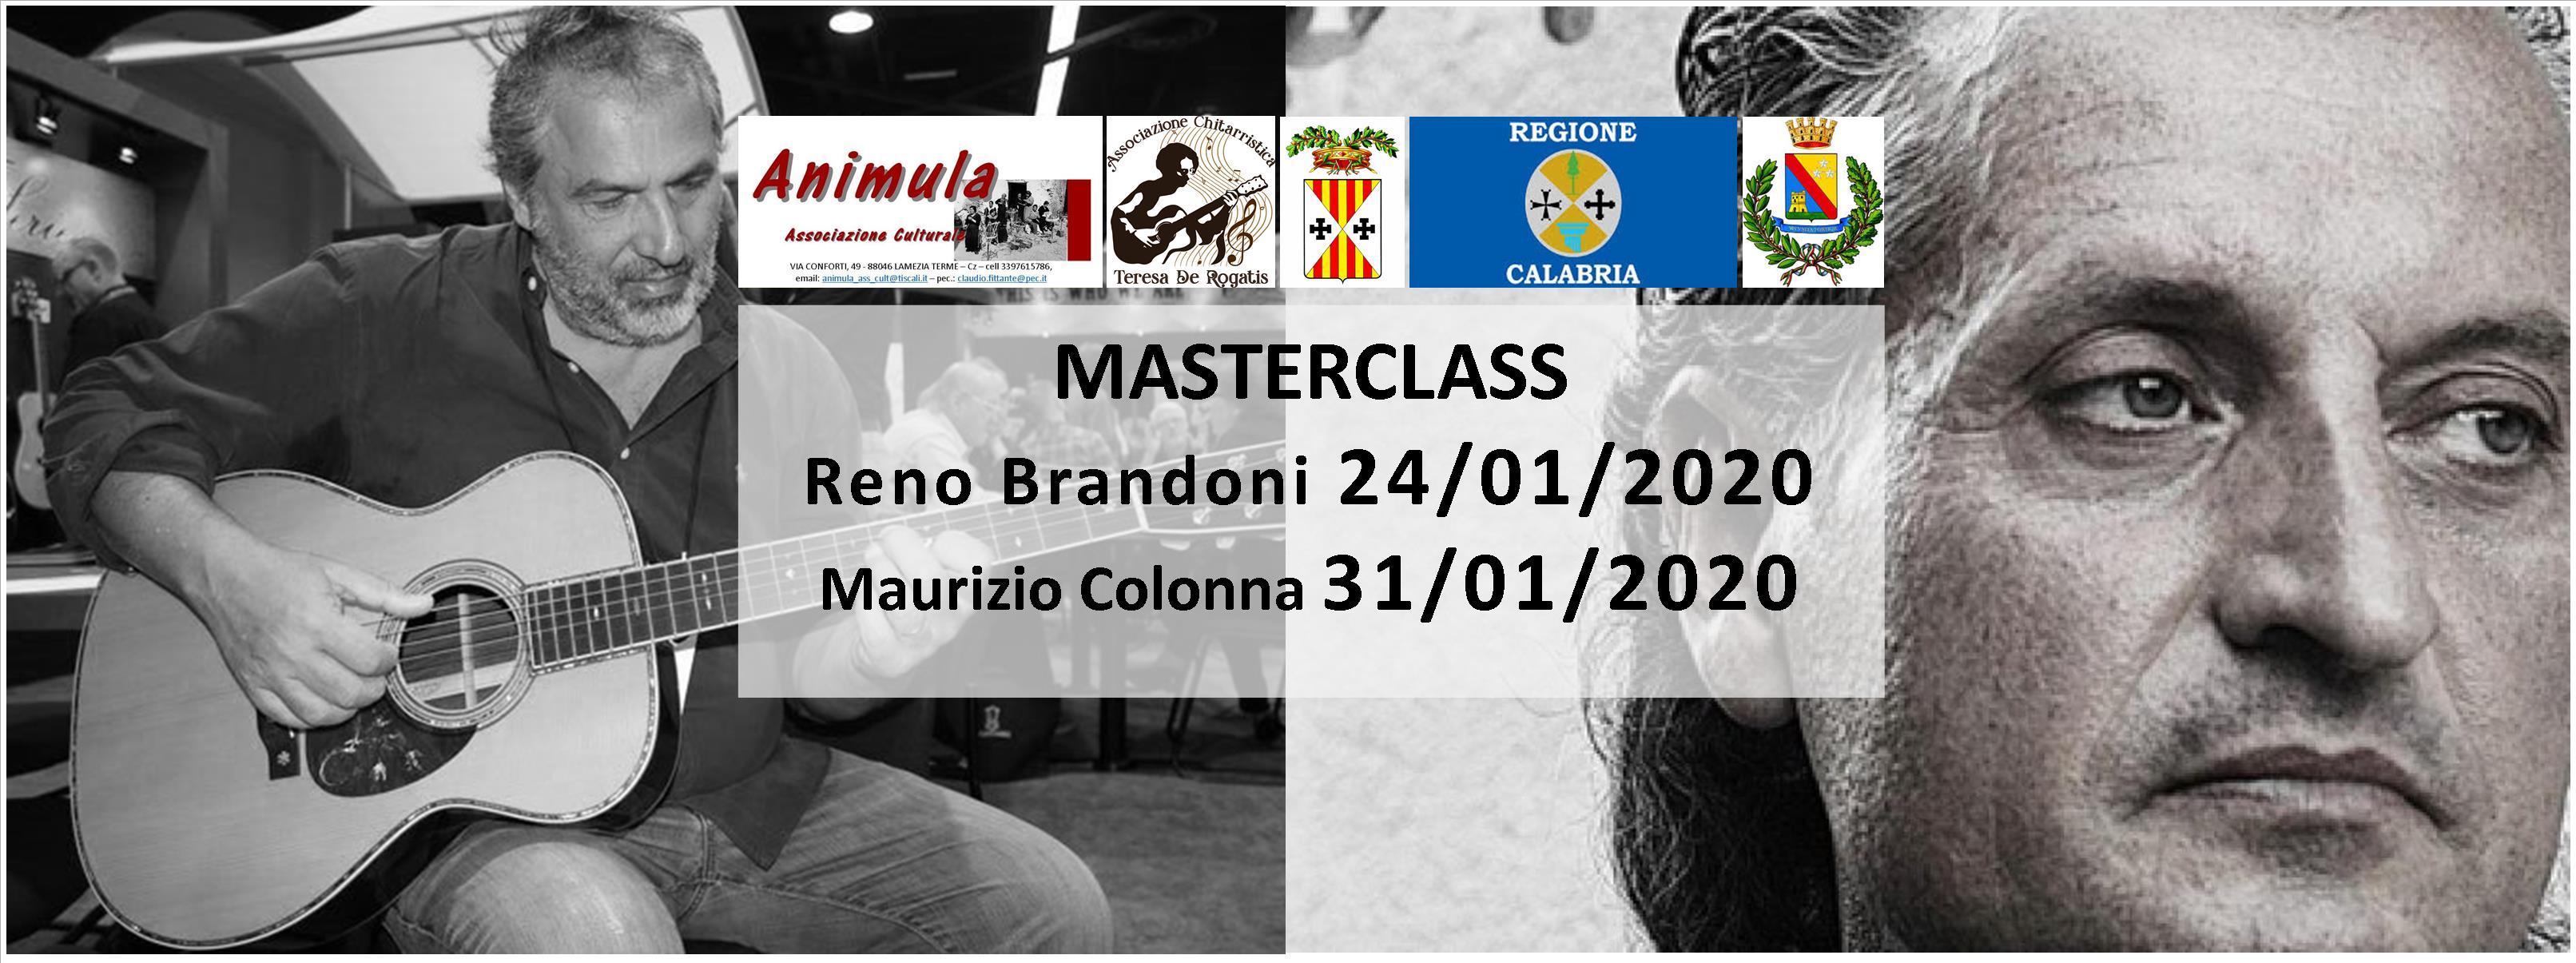 Master con Reno Brandoni e Maurizio Colonna